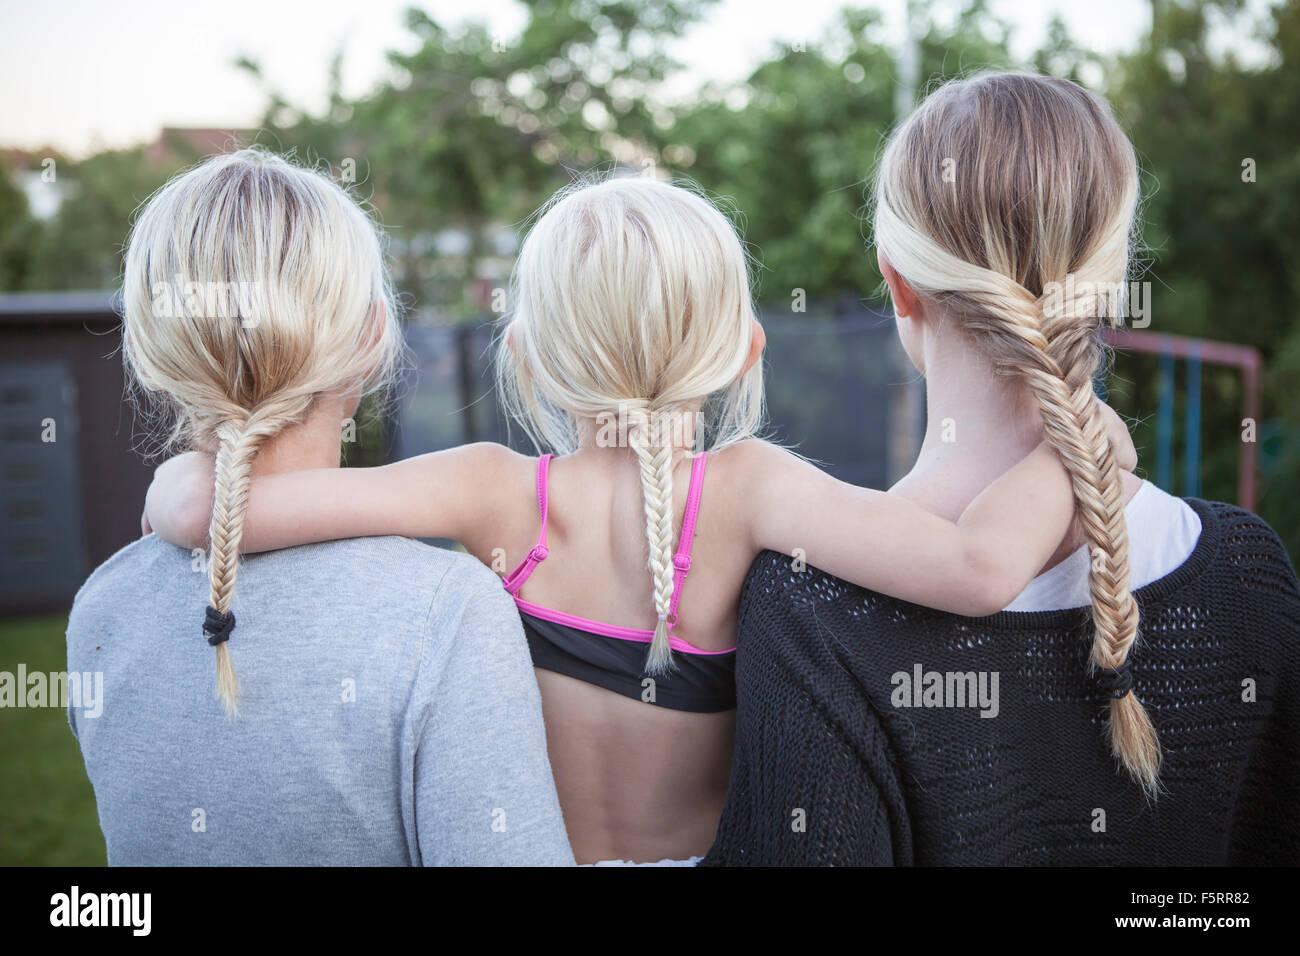 Suecia, Vastergotland, Lerum, vista trasera de las niñas (8-9, 16-17) con coleta trenzada de pie en el patio Imagen De Stock